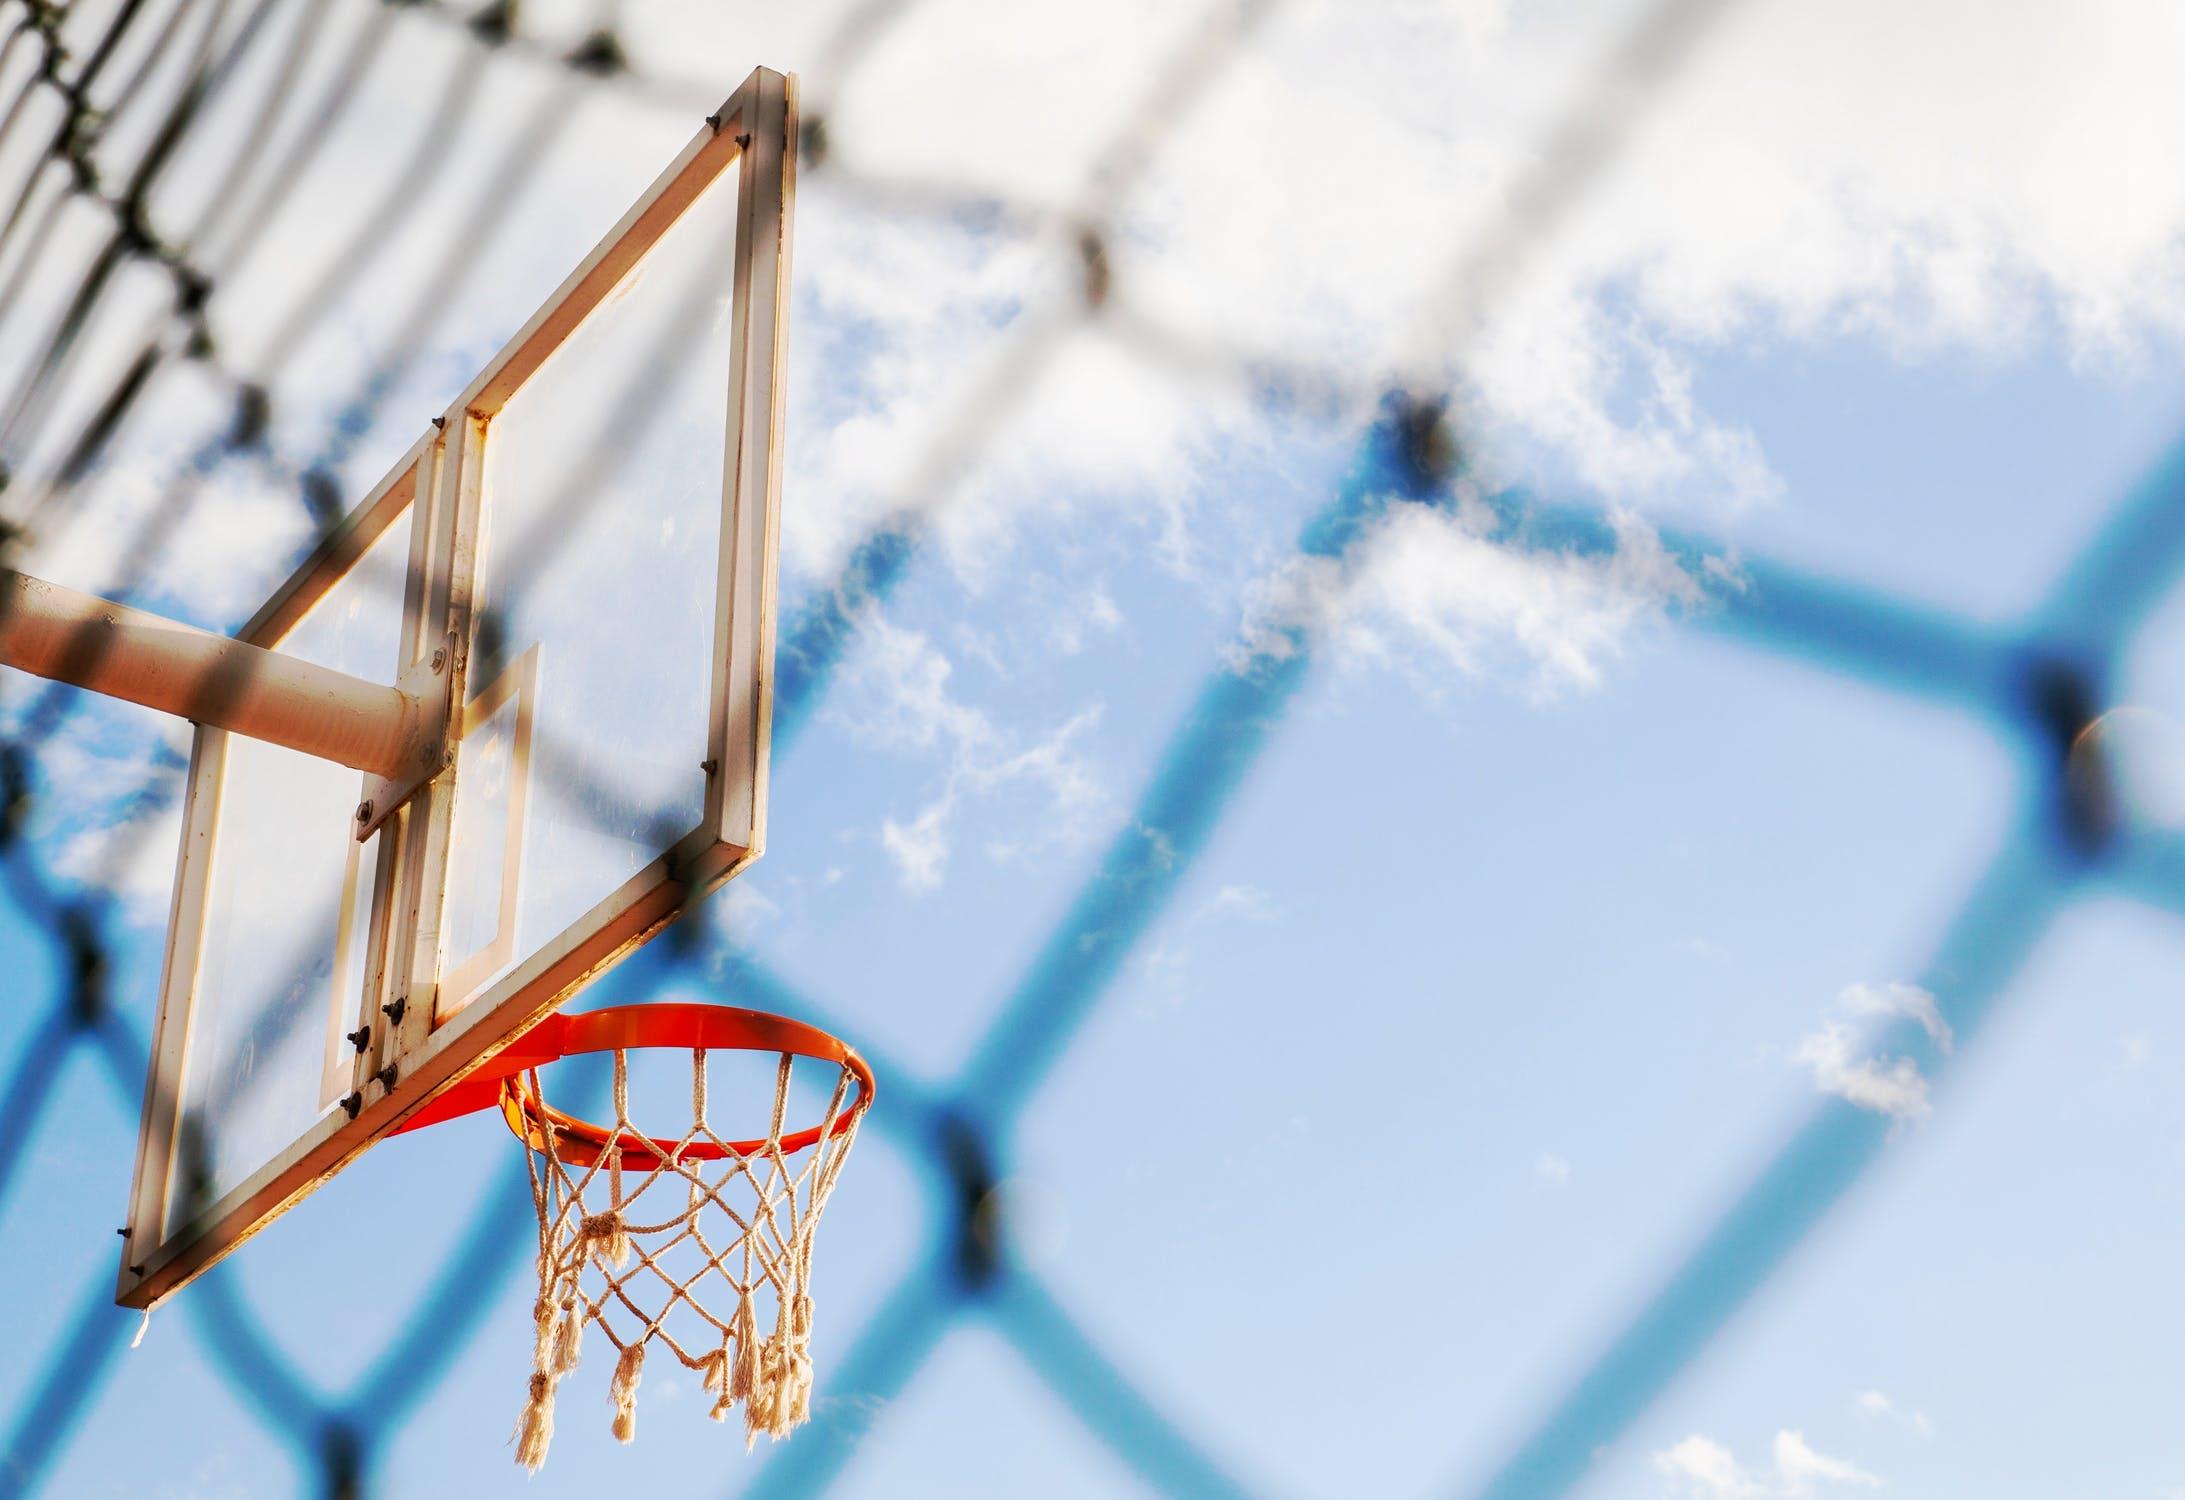 Ảnh cột bóng rổ